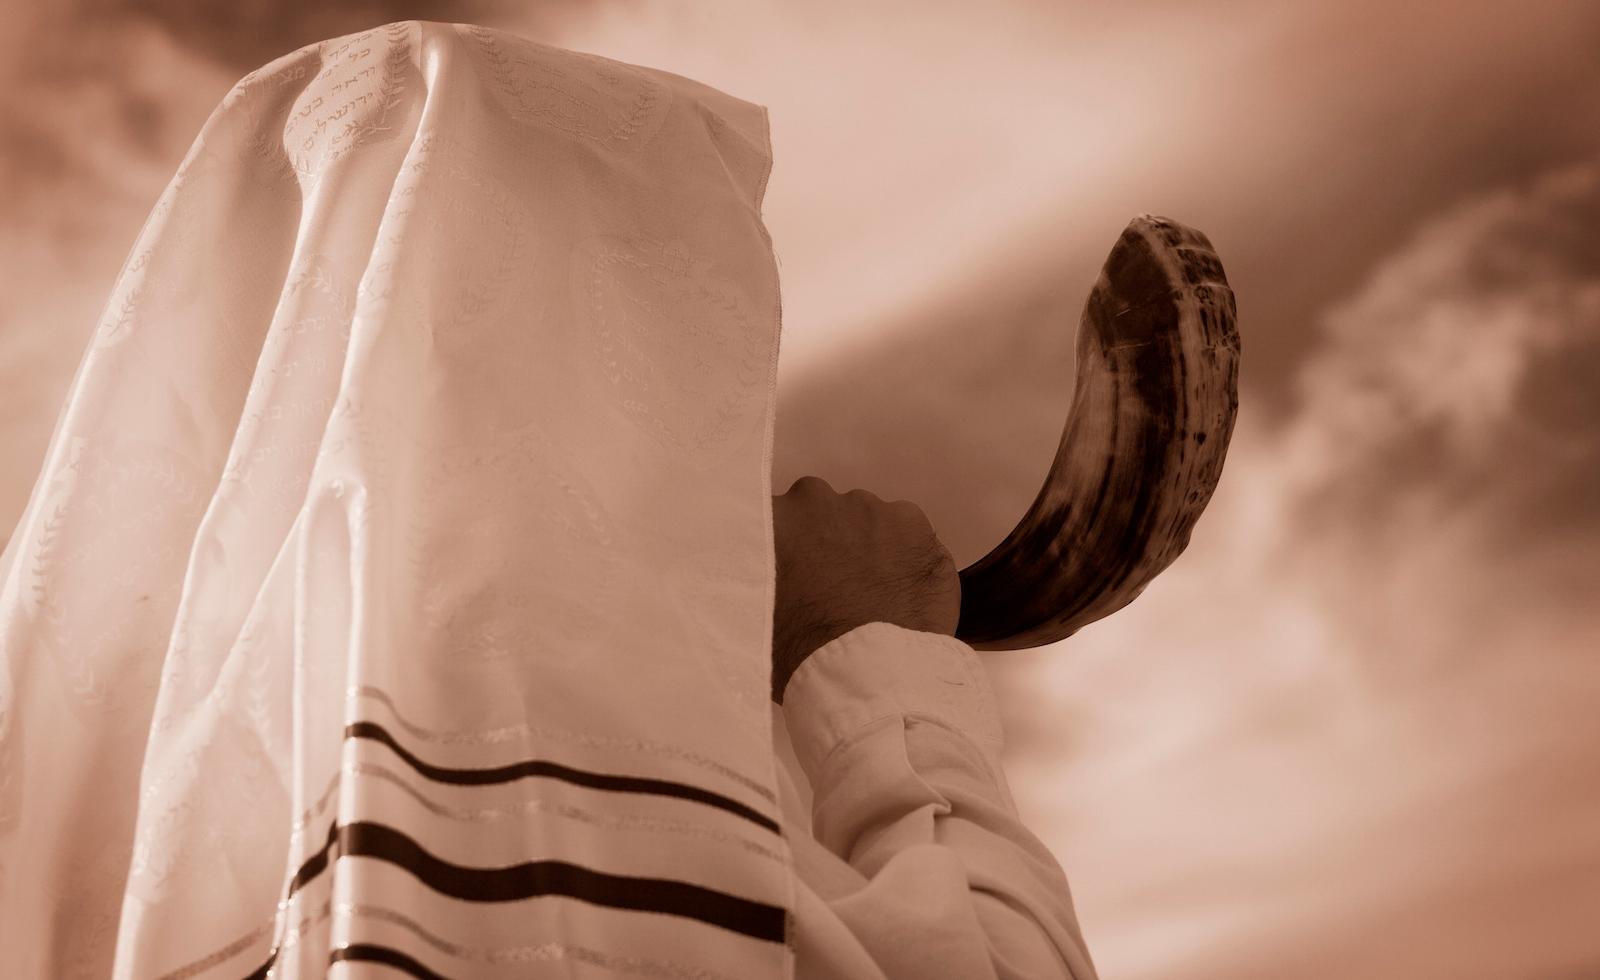 yom kippur sofar